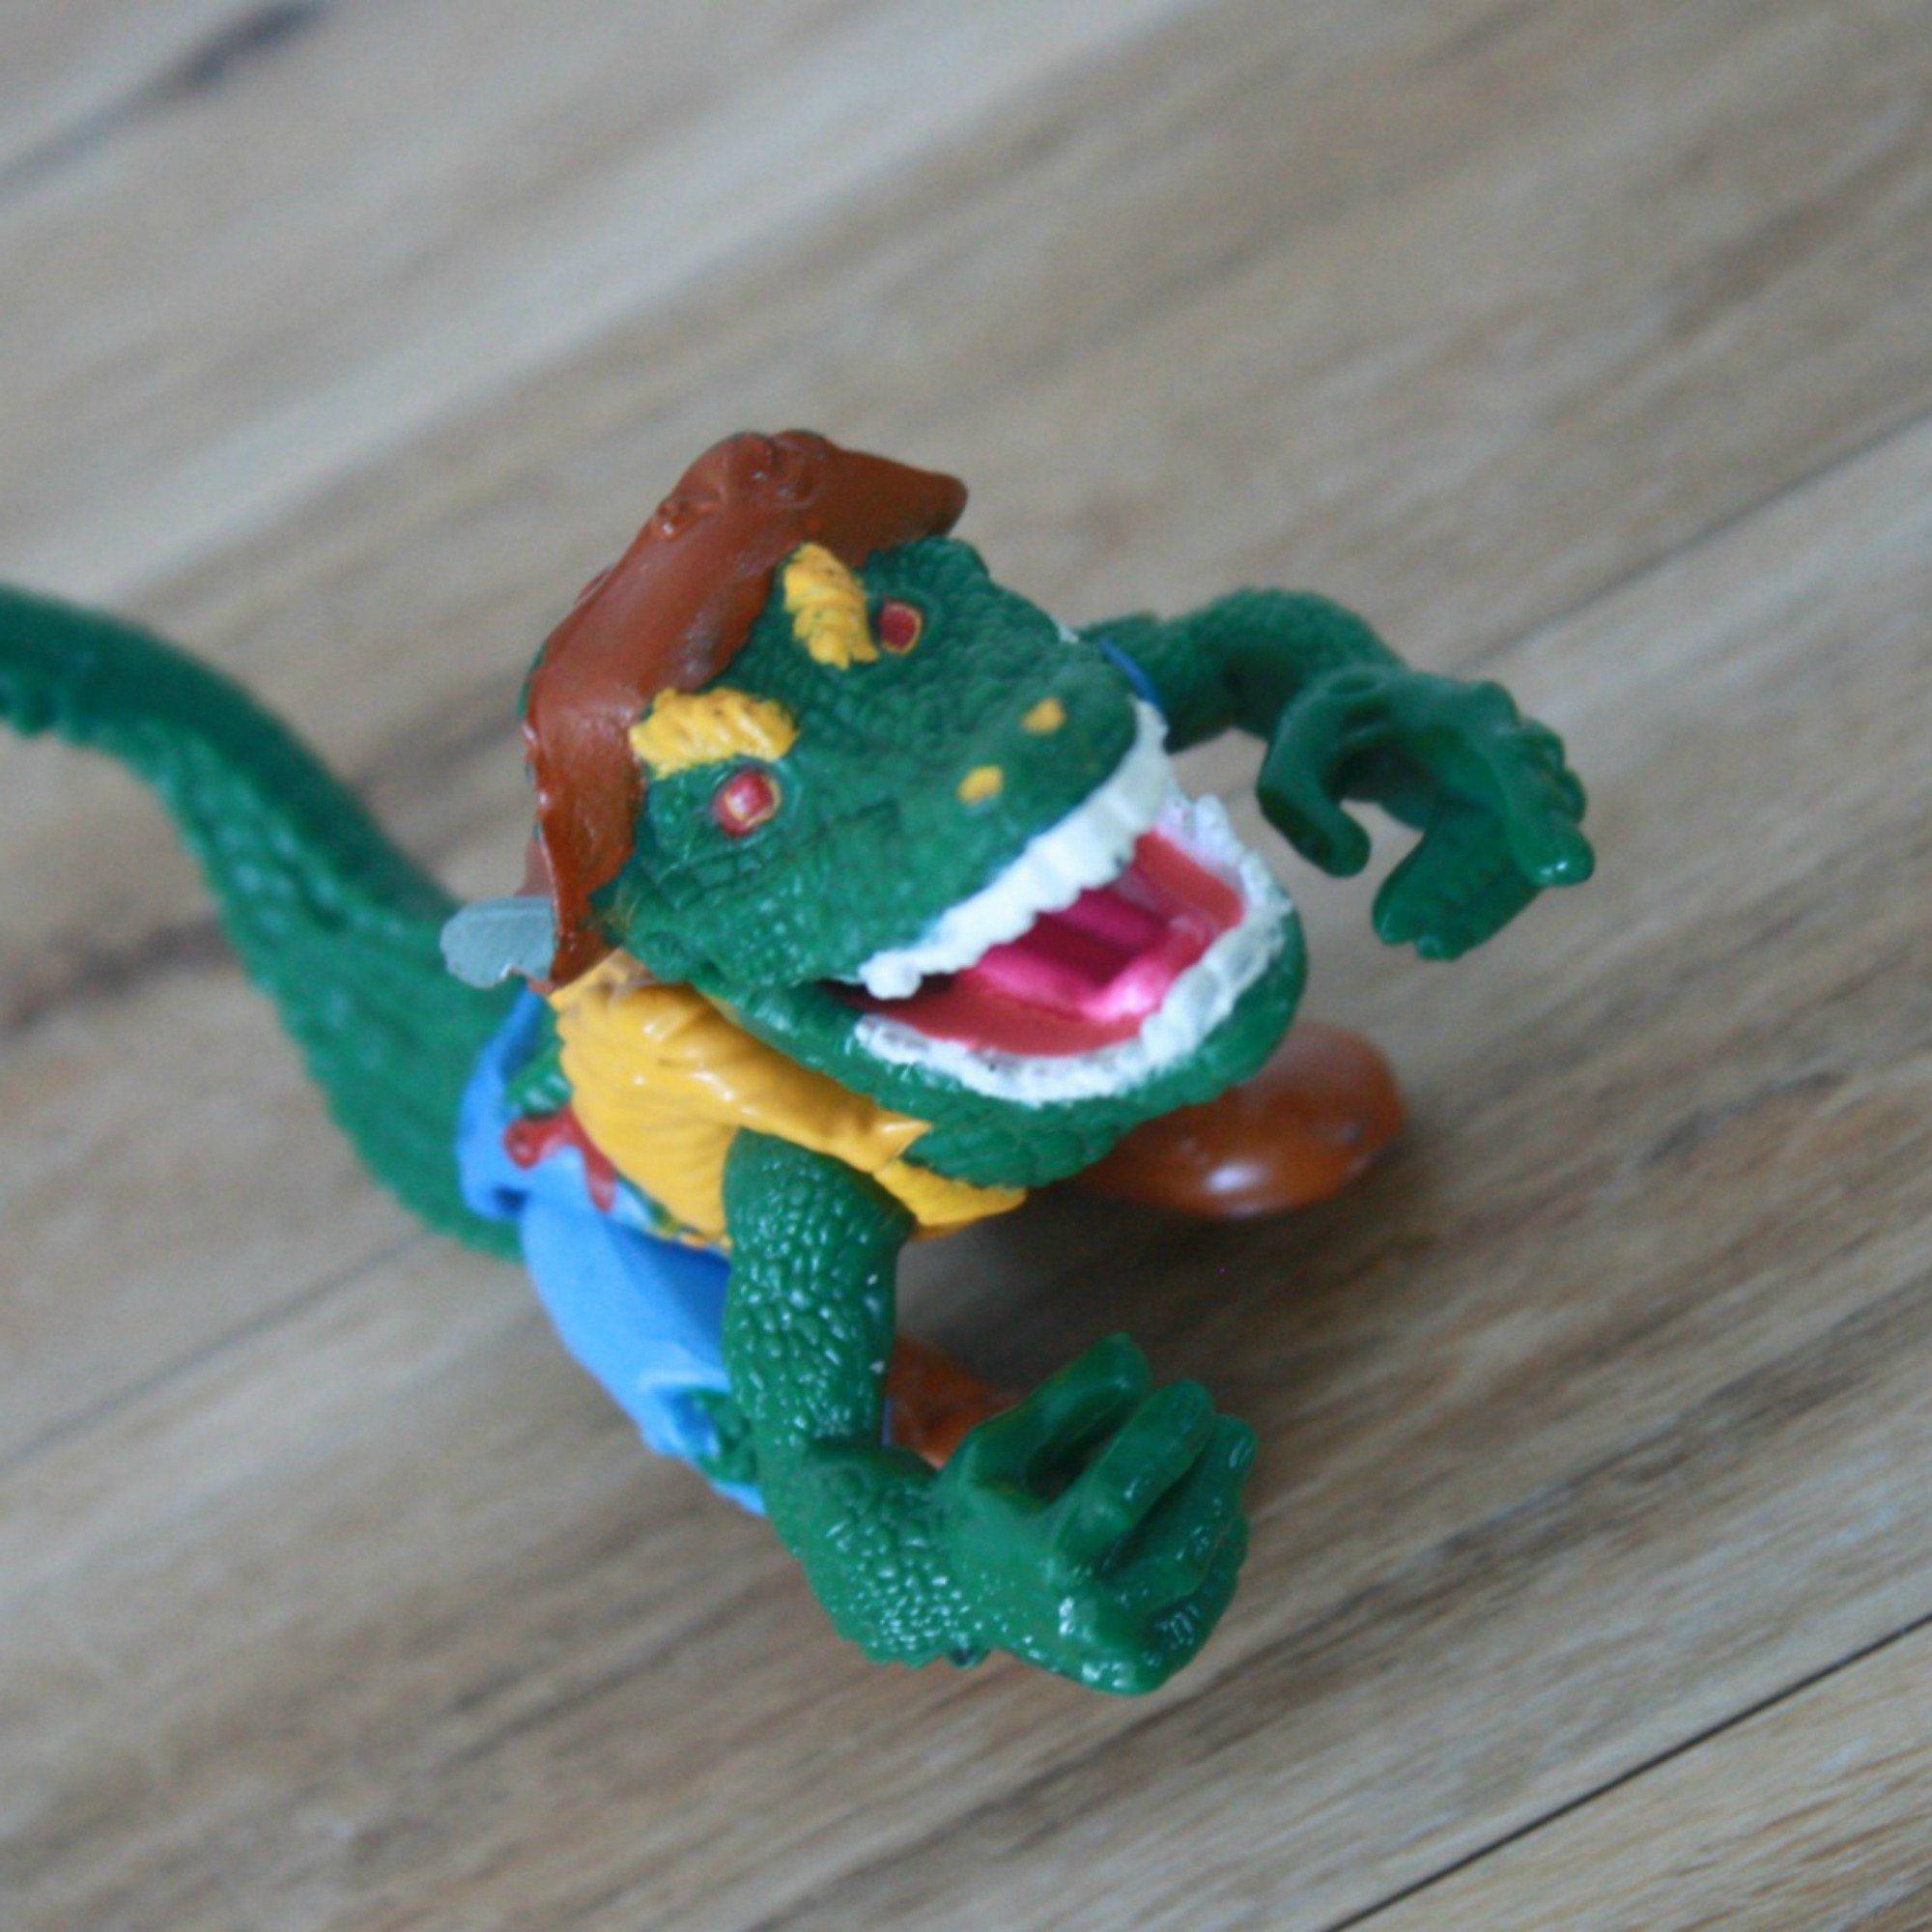 Figurine Leatherhead 1989 Figurine Alligator Jouet Tmnt Etsy Figurine Tortue Ninja Cadeau Enfant Figurine